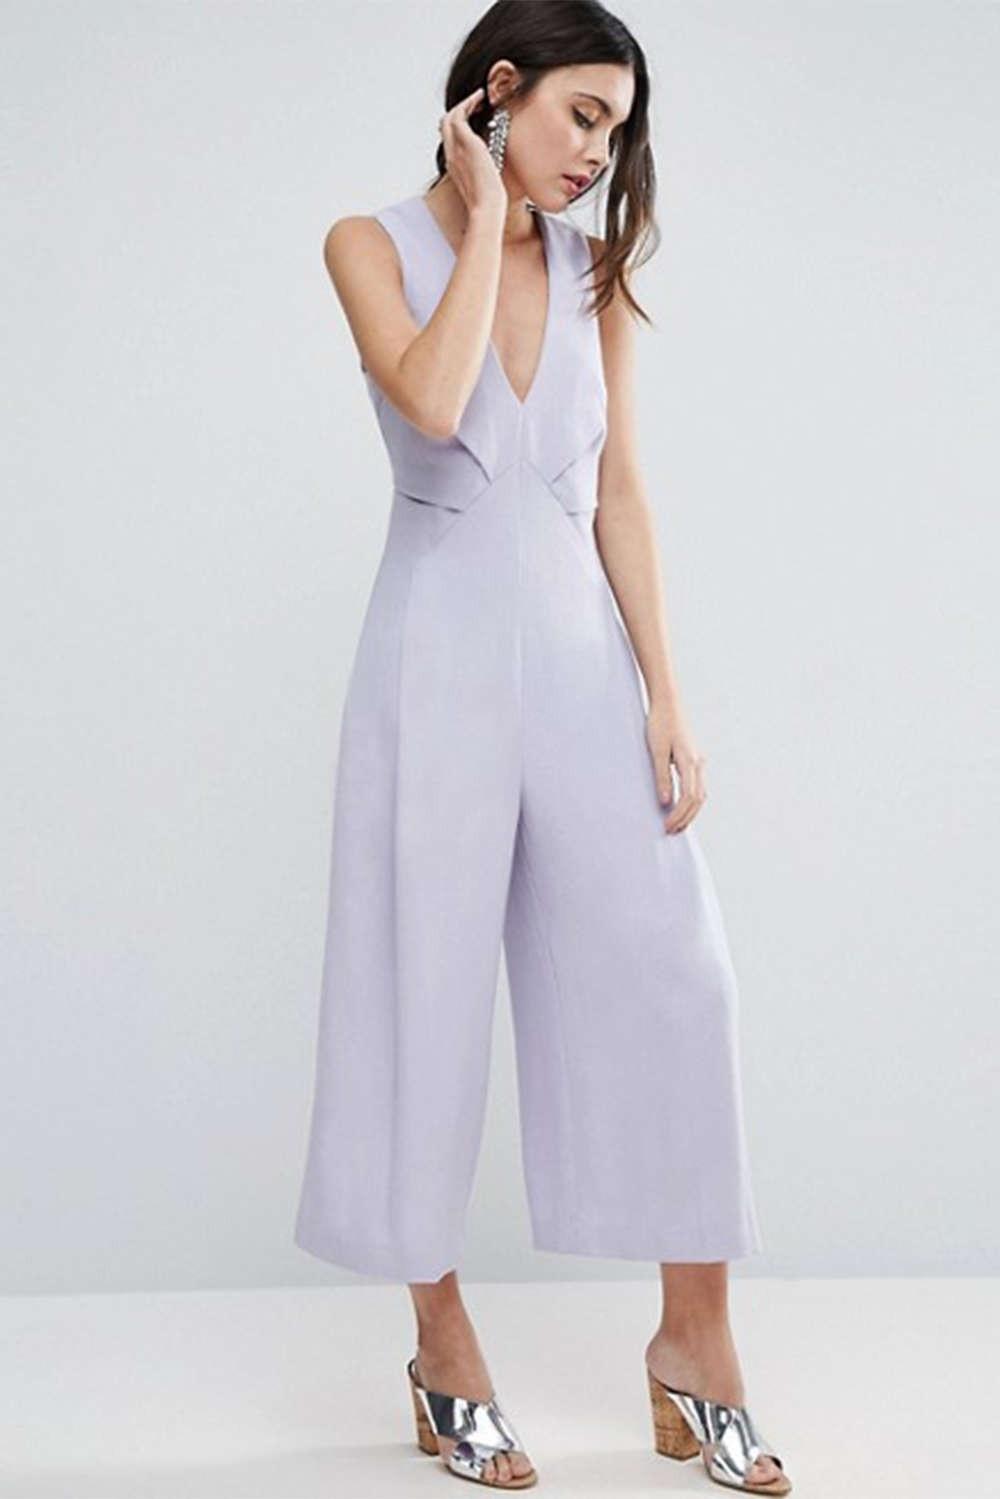 17 Coolste Tolle Kleider Für Hochzeitsgäste Ärmel20 Fantastisch Tolle Kleider Für Hochzeitsgäste Boutique